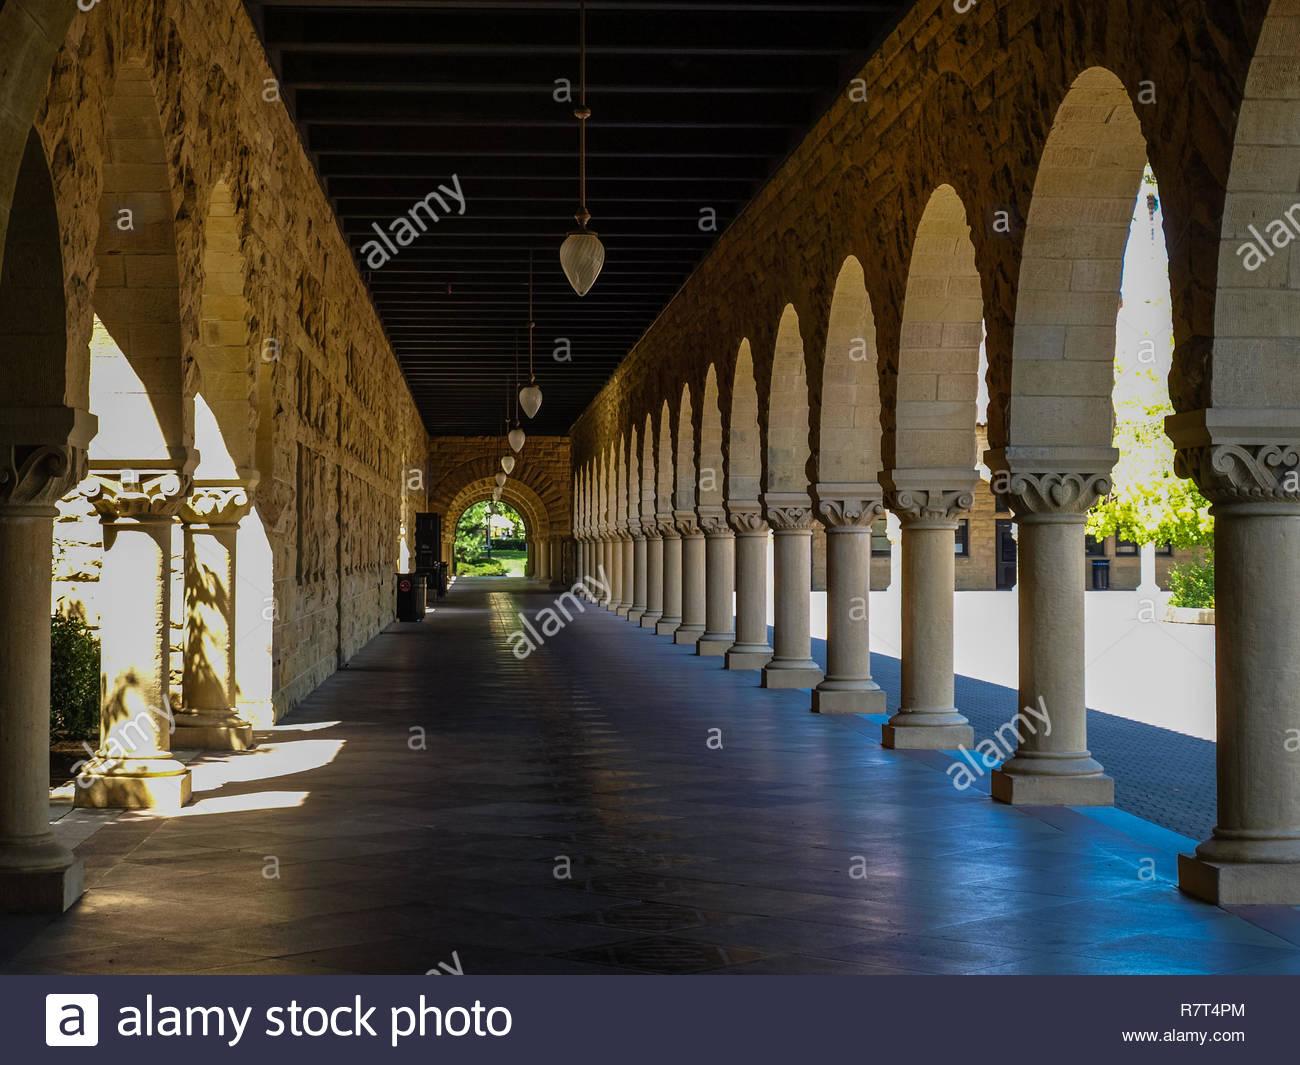 Korridore der Weisheit Stockbild